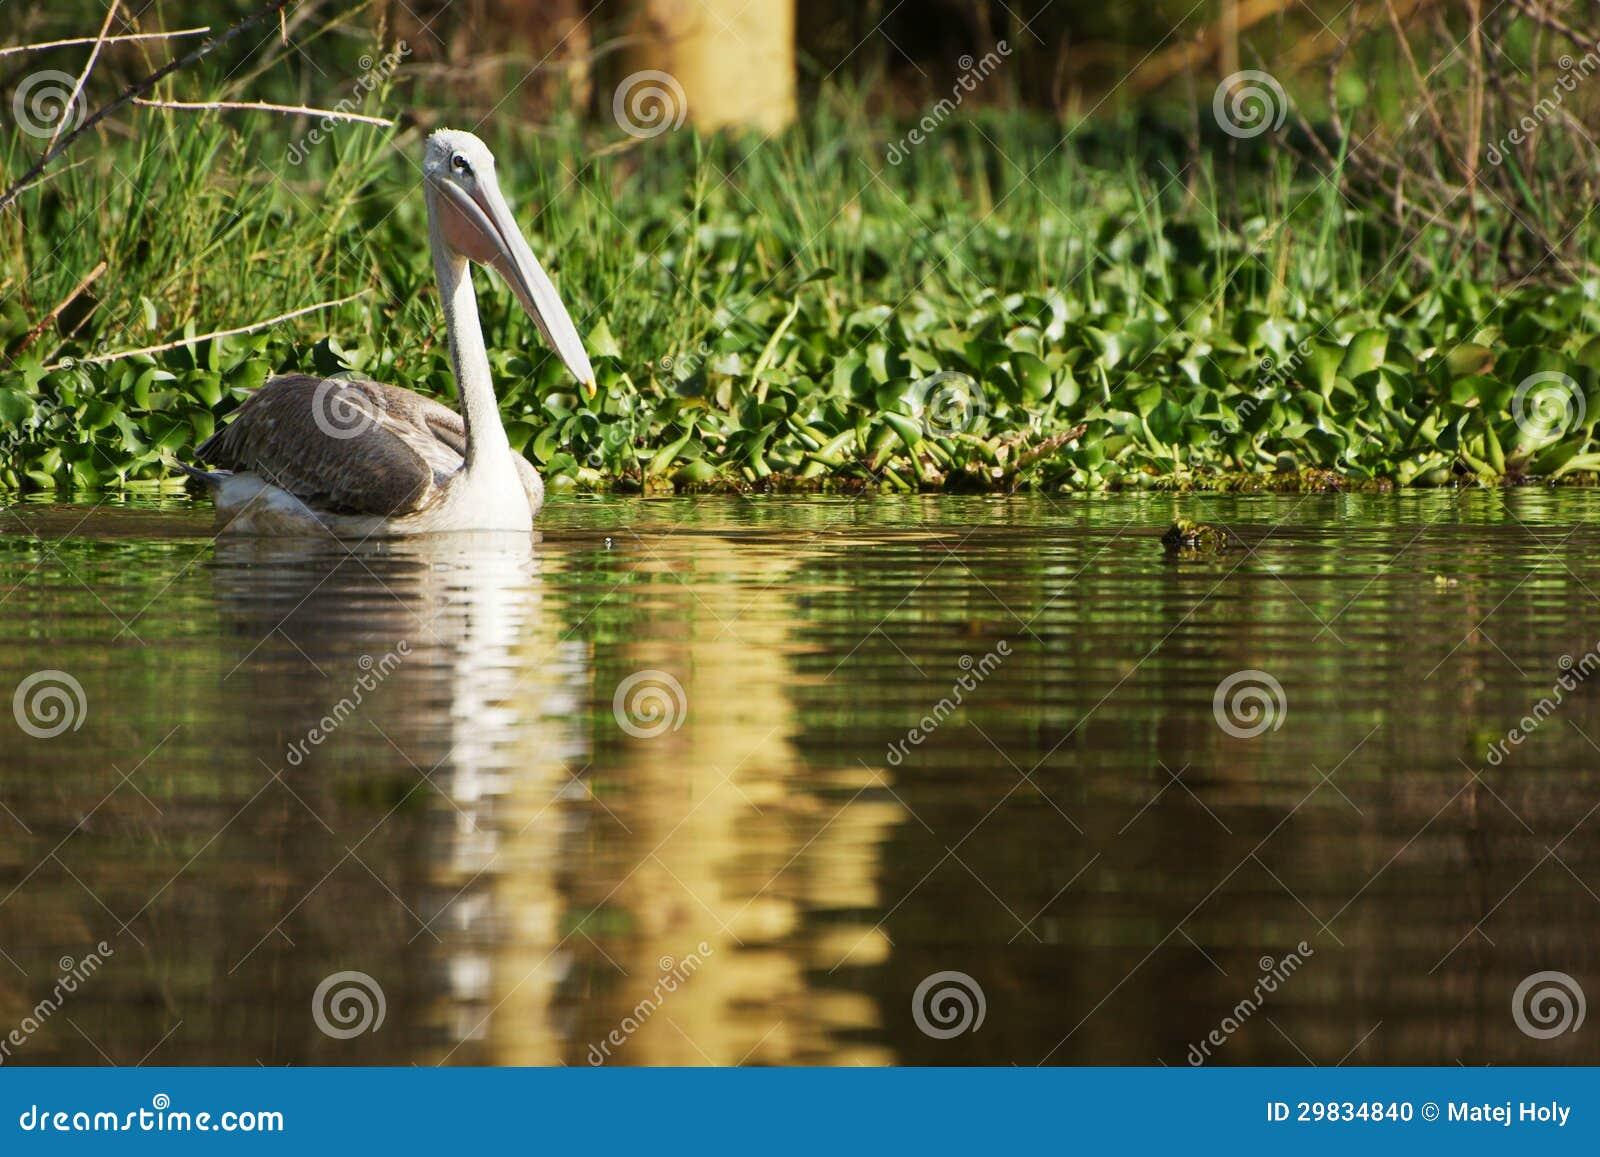 Pelicano na água